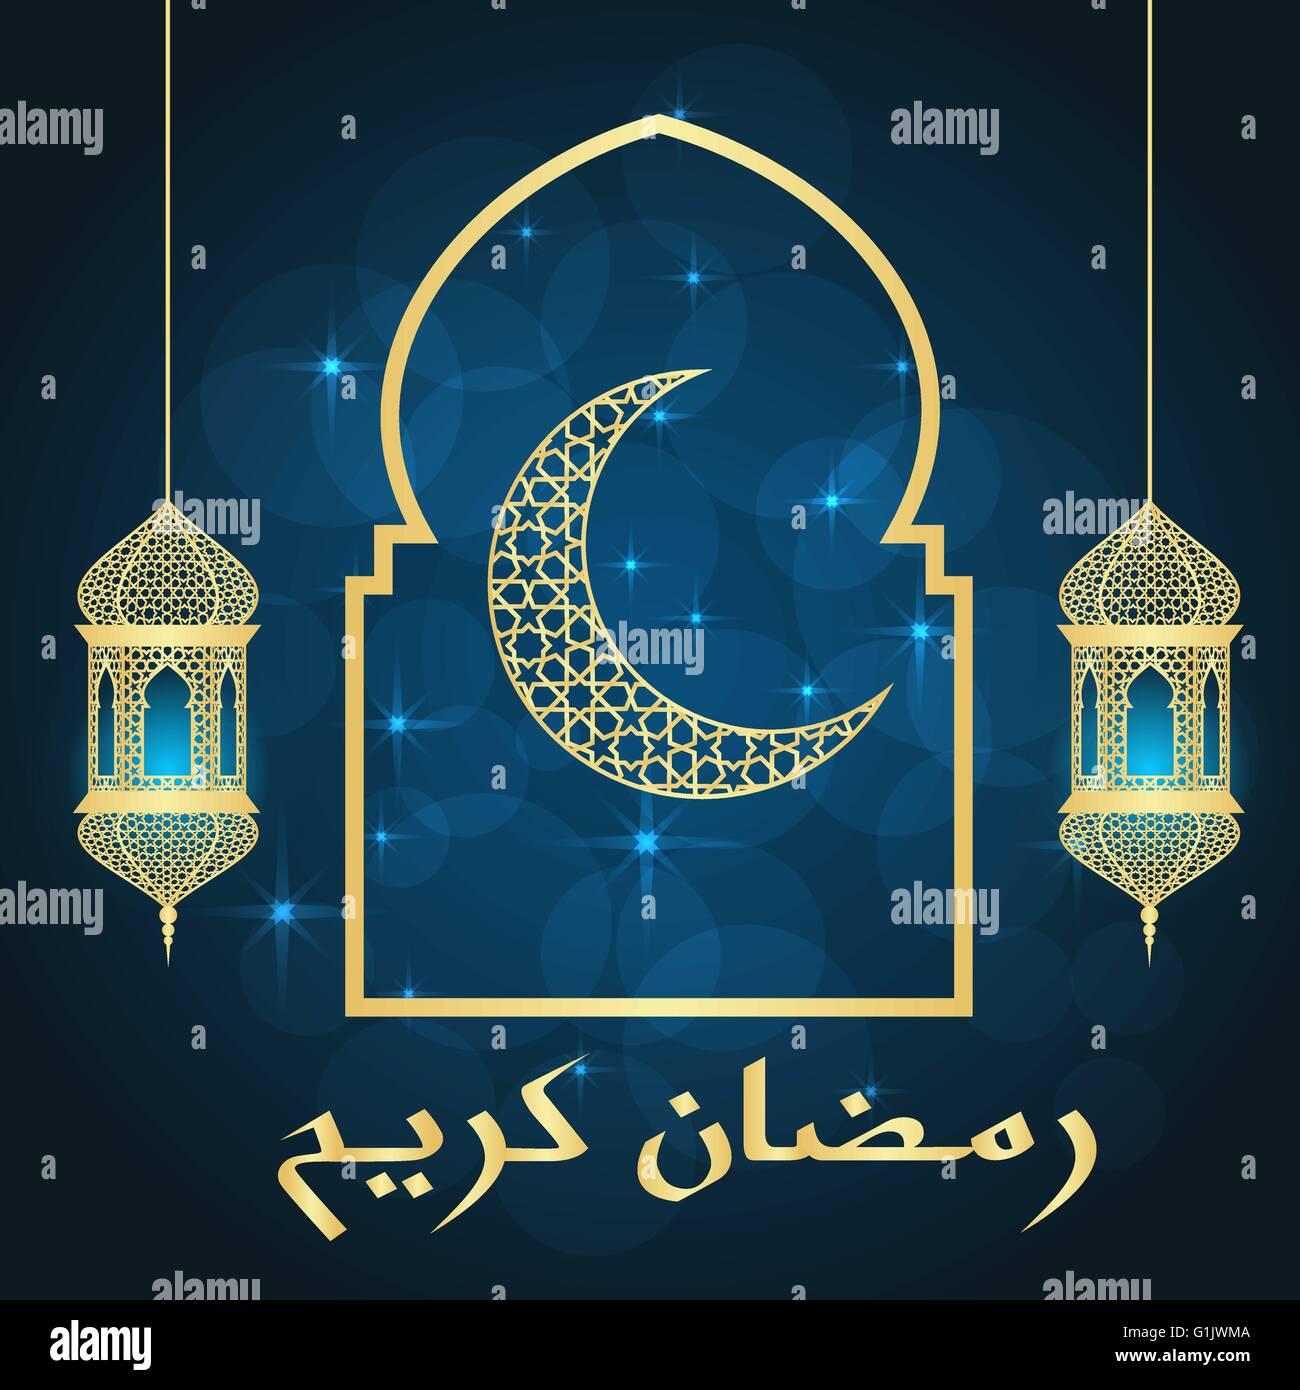 Ramadan greeting card stock vector art illustration vector image ramadan greeting card m4hsunfo